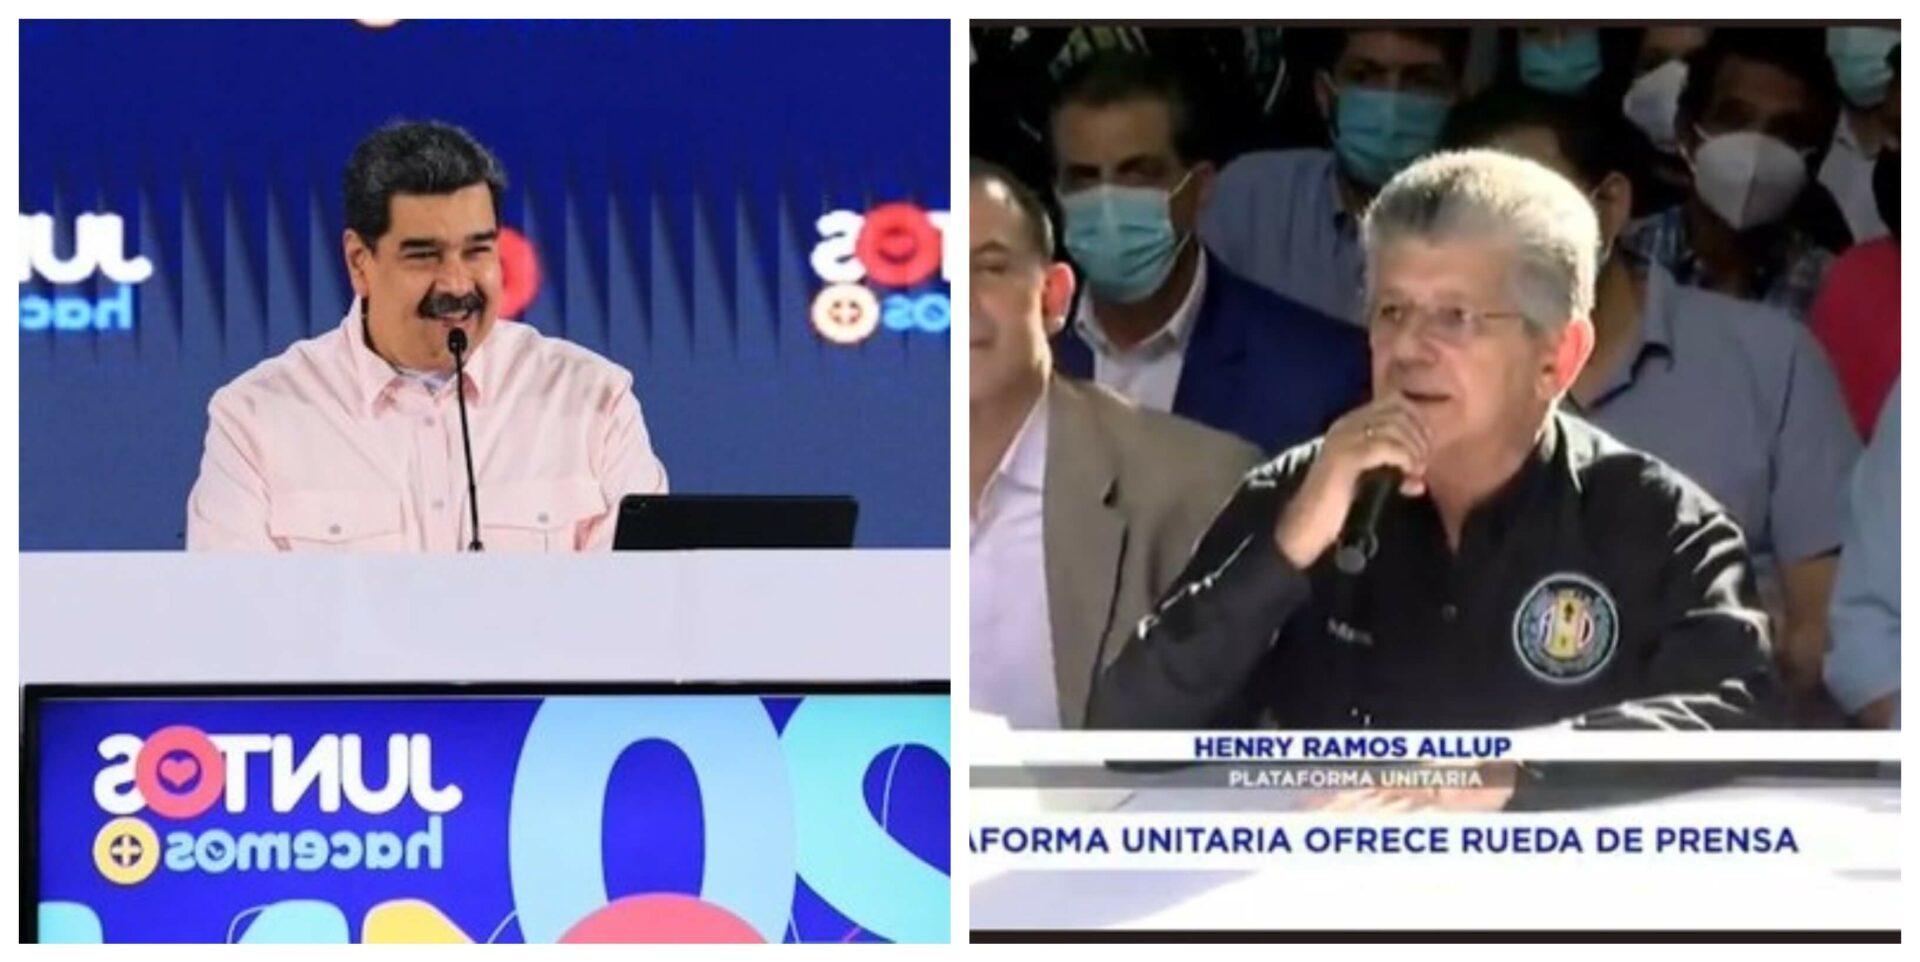 El 31 de agosto marcó un hito en la historia política de Venzuela. Luego de tres años llamando a la abstención, la plataforma unitaria, es decir, la oposición liderada por Juan Guaidó, aceptó participar en las elecciones regionales. Los protaginistas de este día fueron Nicolás Maduro y Henry Ramos Allup. Y tal es la relevancia de la fecha que el primero terminó felicitando al segundo.